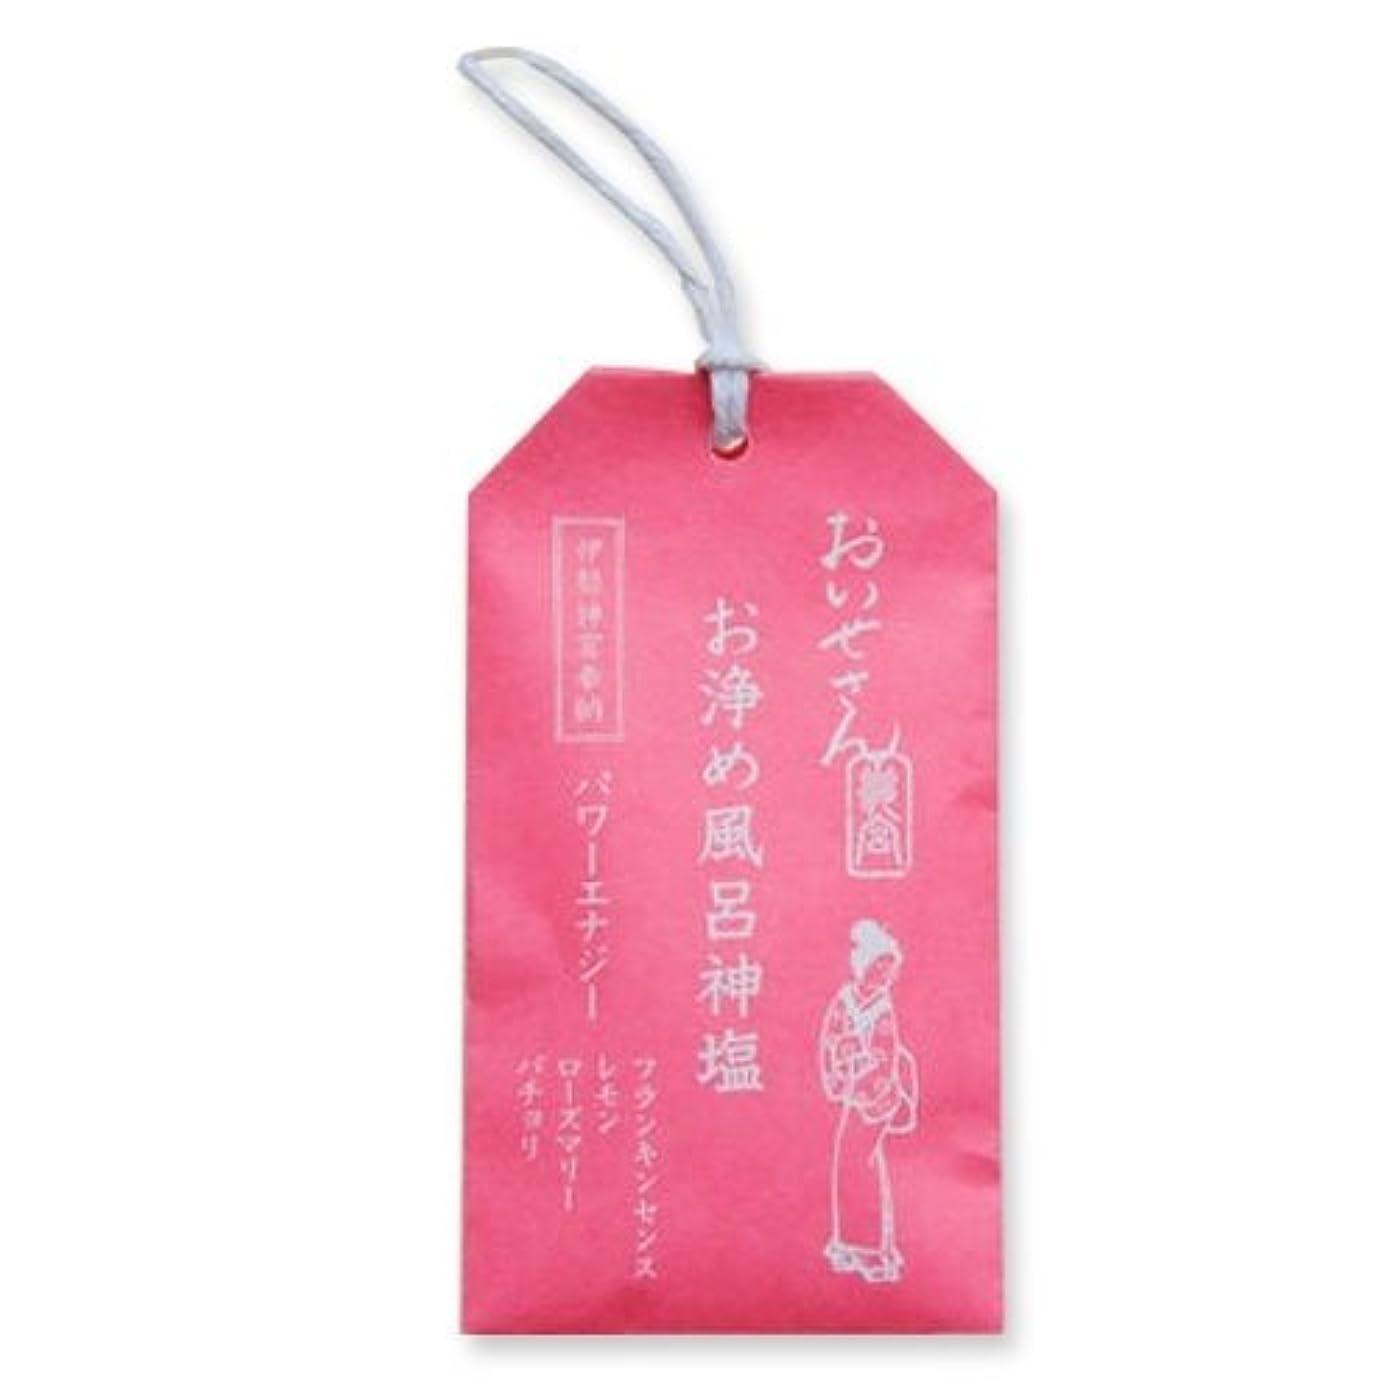 収穫ガイダンス金曜日おいせさん お浄め風呂神塩 バス用ソルト(パワーエナジー) 20g